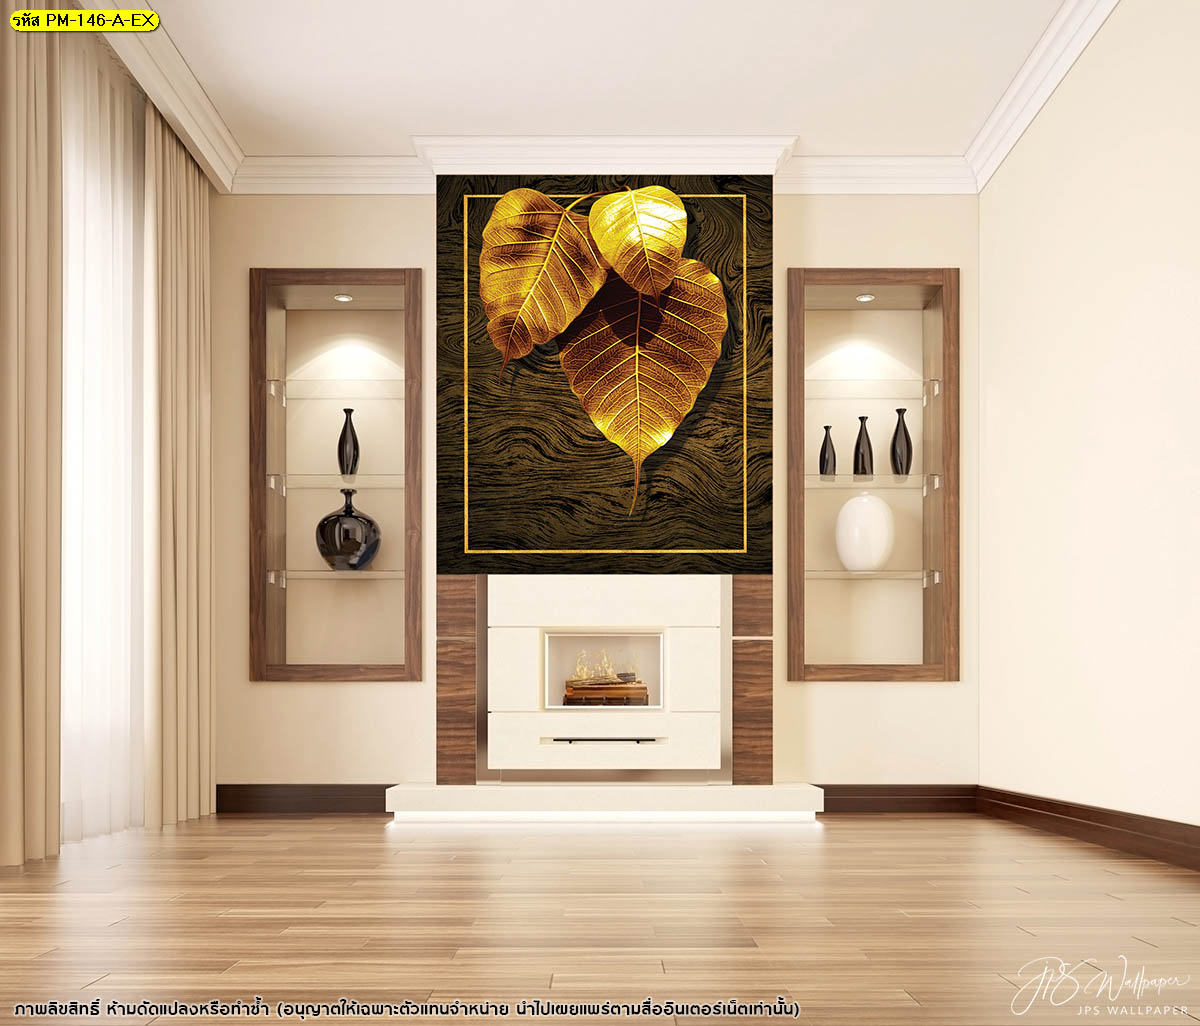 ไอเดียห้องพระสีขาว  สั่งทำภาพจิตรกรรม แต่งบ้านด้วยภาพจิตรกรรม